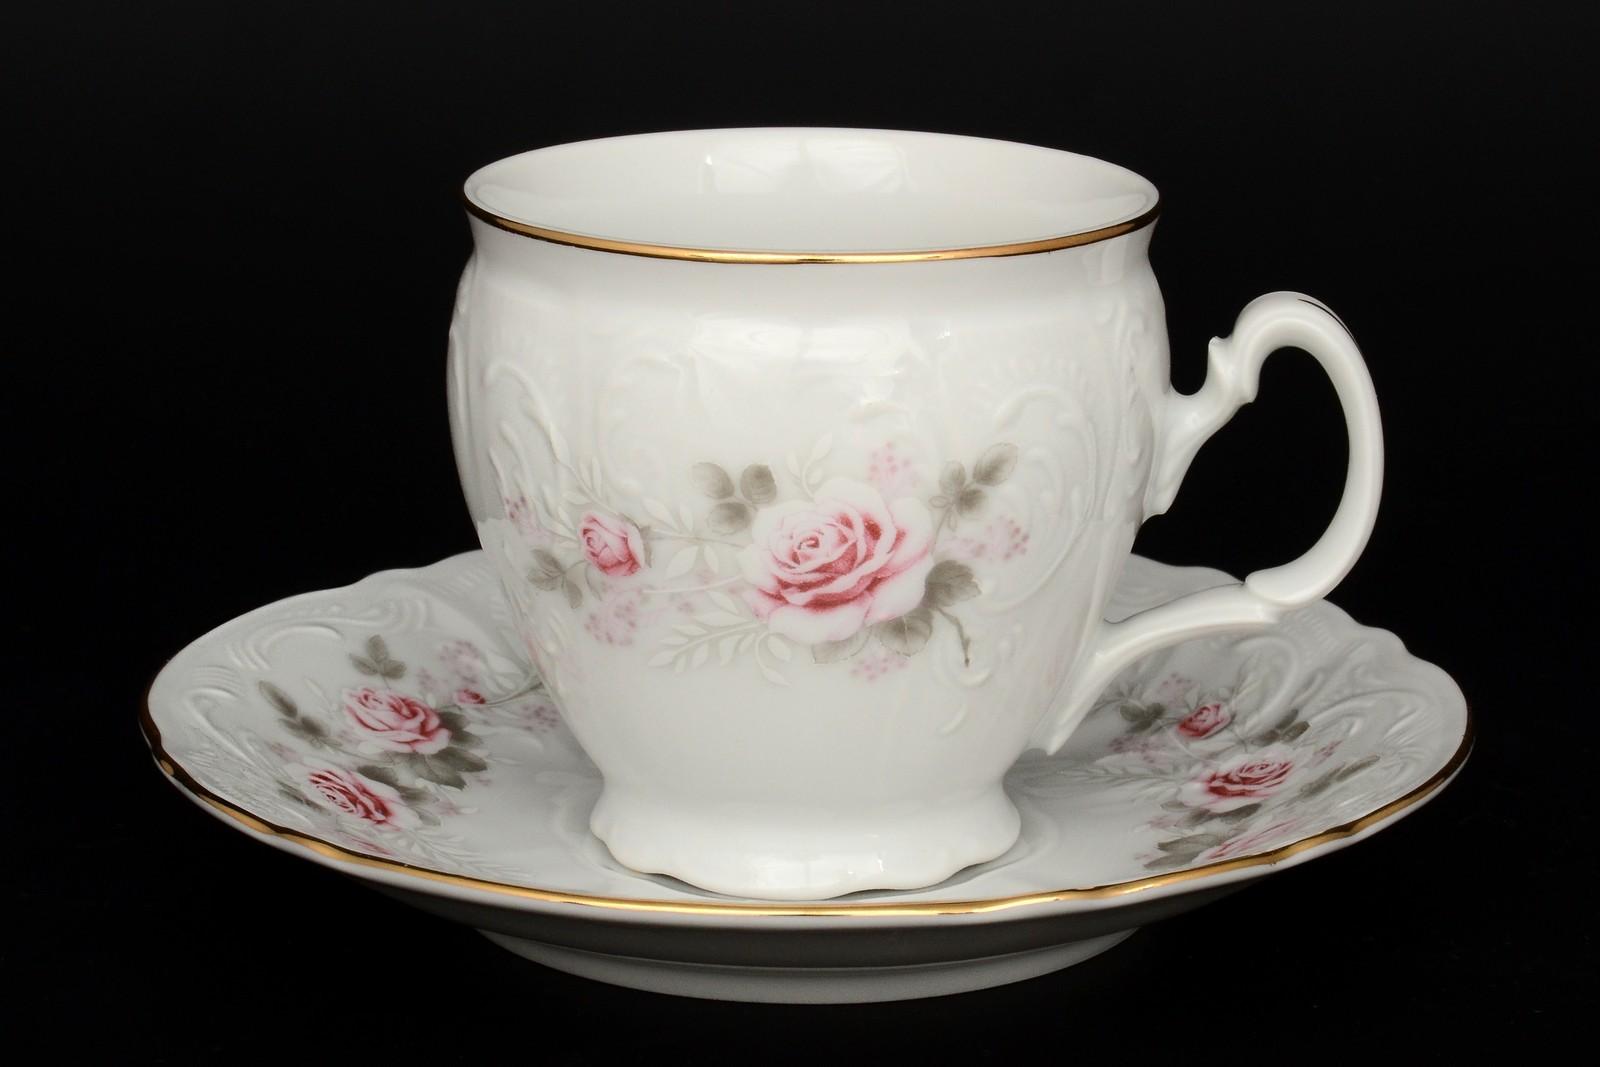 Набор чайный пар бочка 240 мл Бернадотт Серая роза золото (6 пар) bernadotte набор чайный 240 мл 6 пар